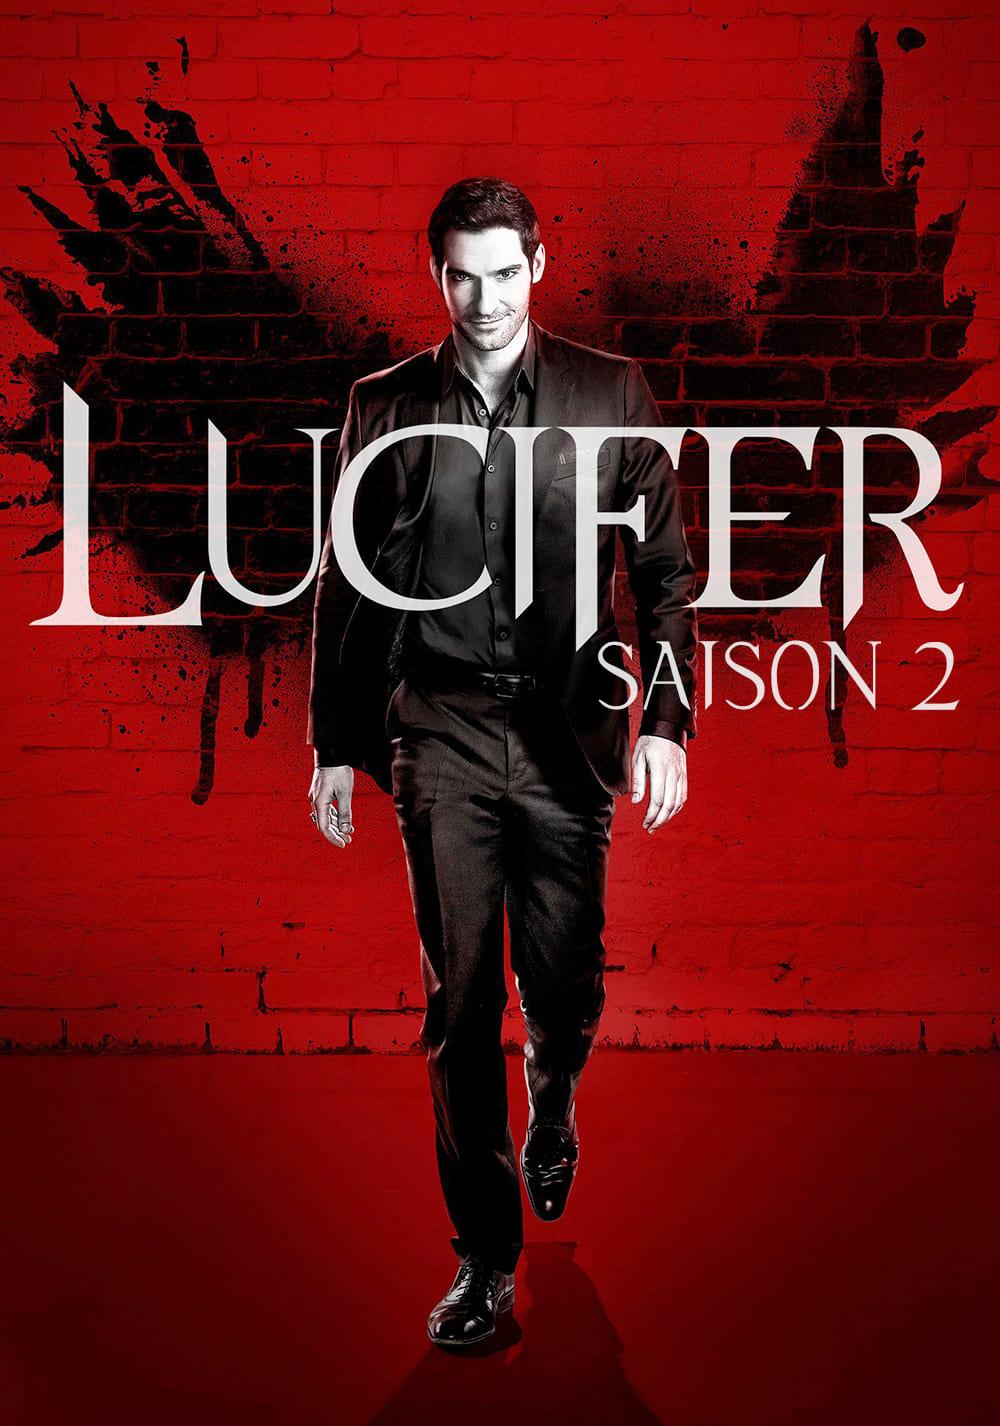 Lucifer Saison 1 Streaming Vf : lucifer, saison, streaming, Lucifer, Streaming, Telechargement, Serie